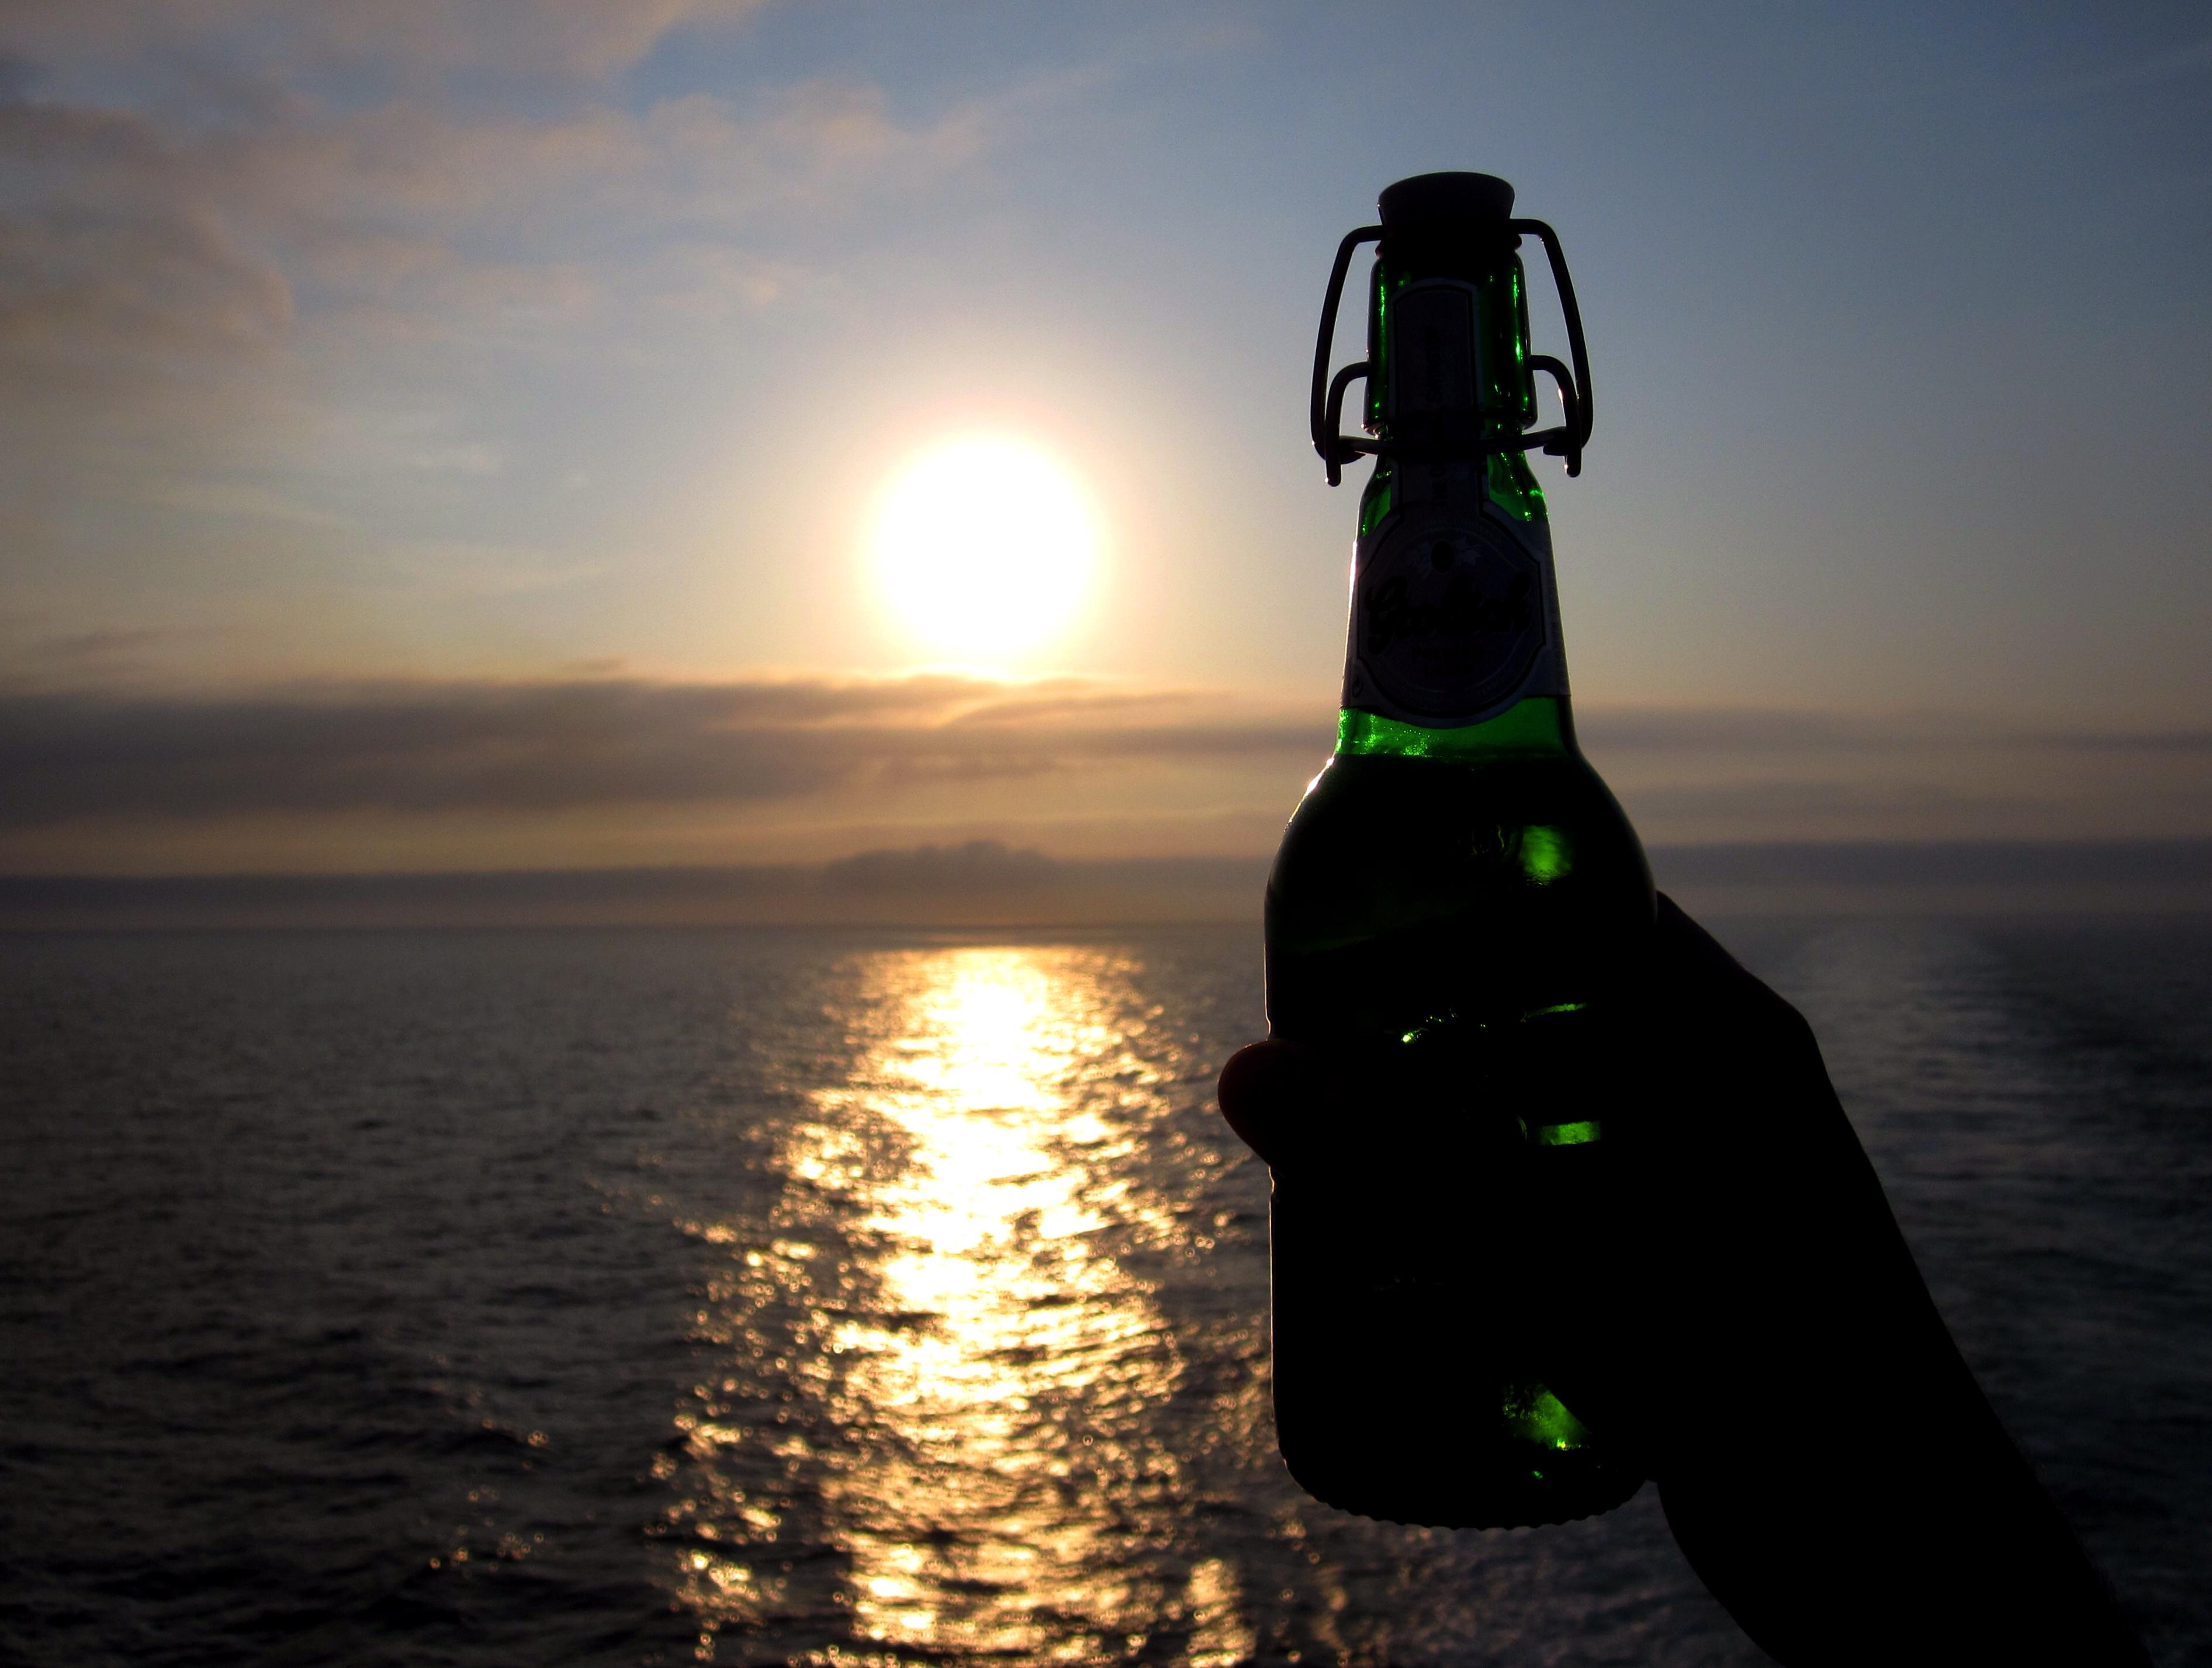 Biertje aan boord